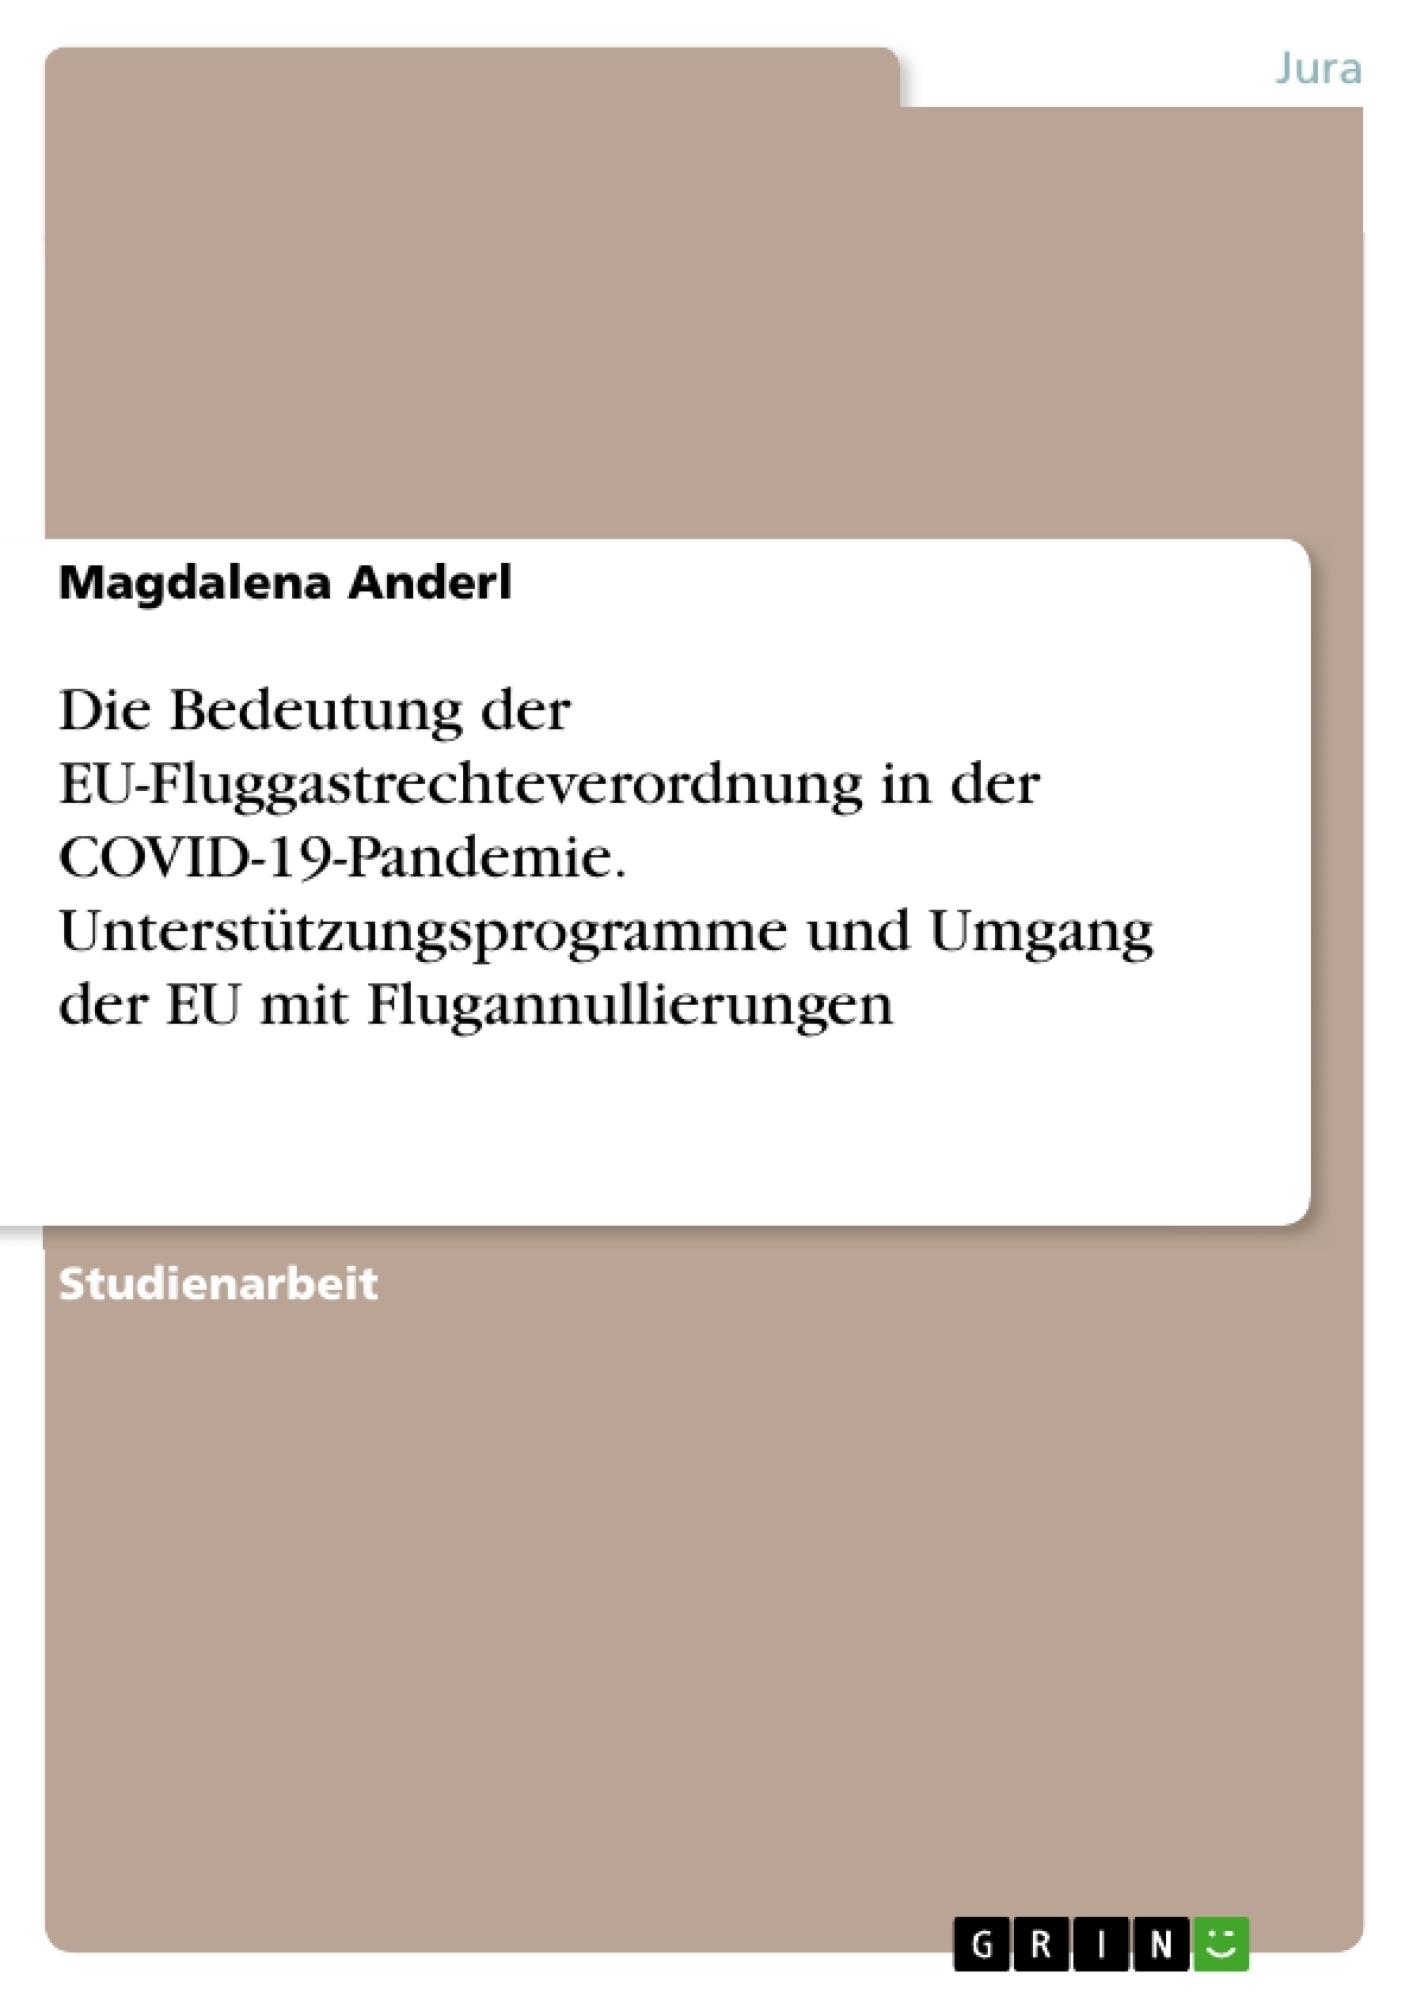 Titel: Die Bedeutung der EU-Fluggastrechteverordnung in der COVID-19-Pandemie. Unterstützungsprogramme und Umgang der EU mit Flugannullierungen